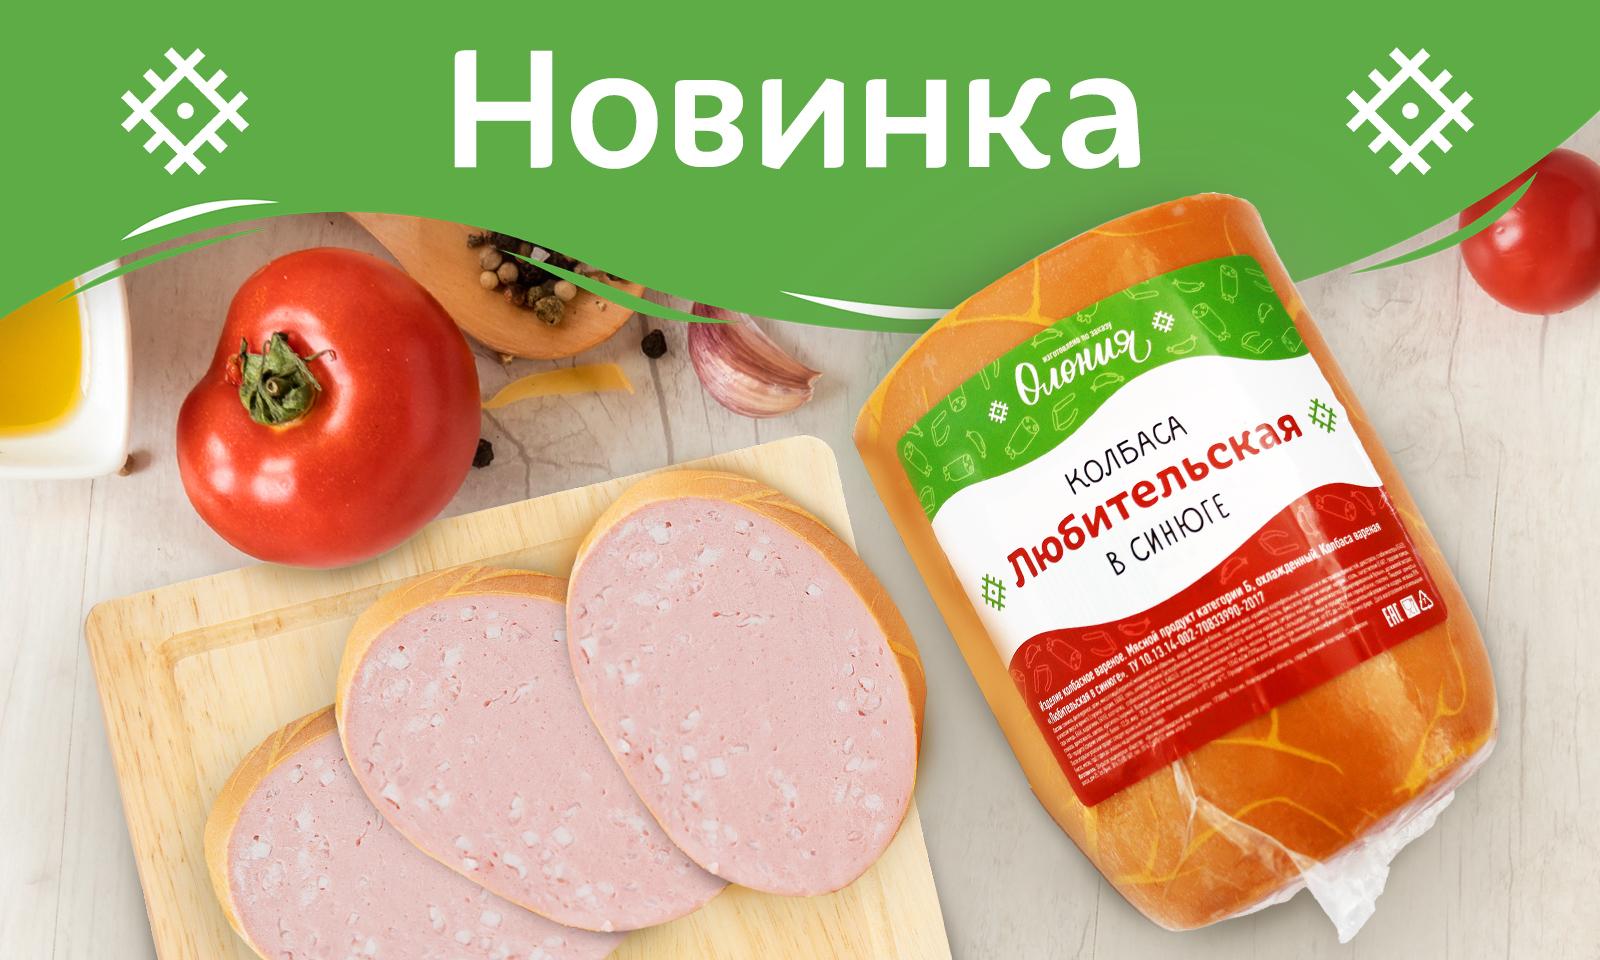 олония, колбаса, сосиски, сардельки, магазин, купить продукты, низкие цены, петрозаводск, новая продукция